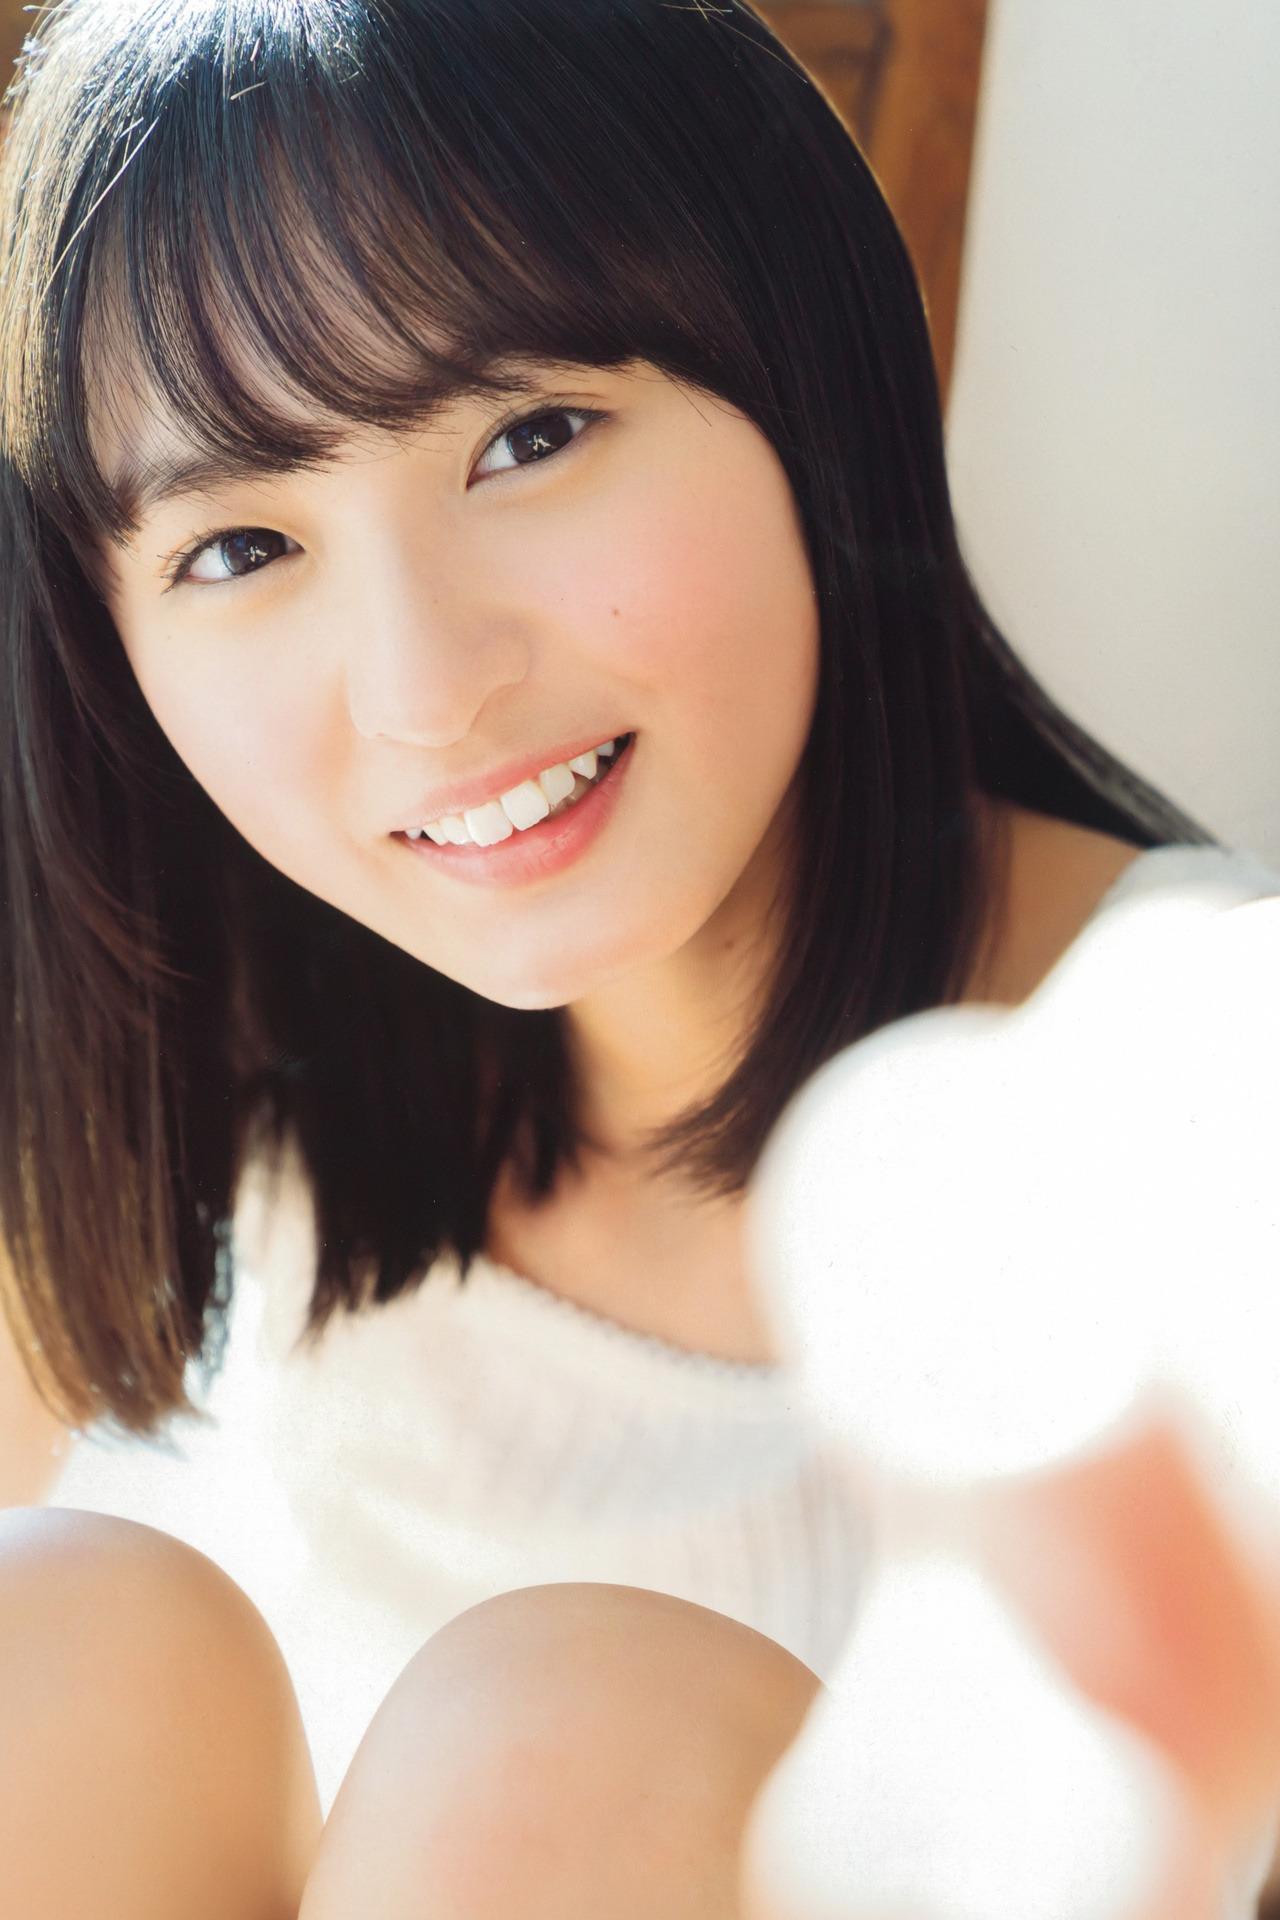 乃木坂46偶像远藤さくら开朗笑颜散发纯真气息 网络美女 第17张